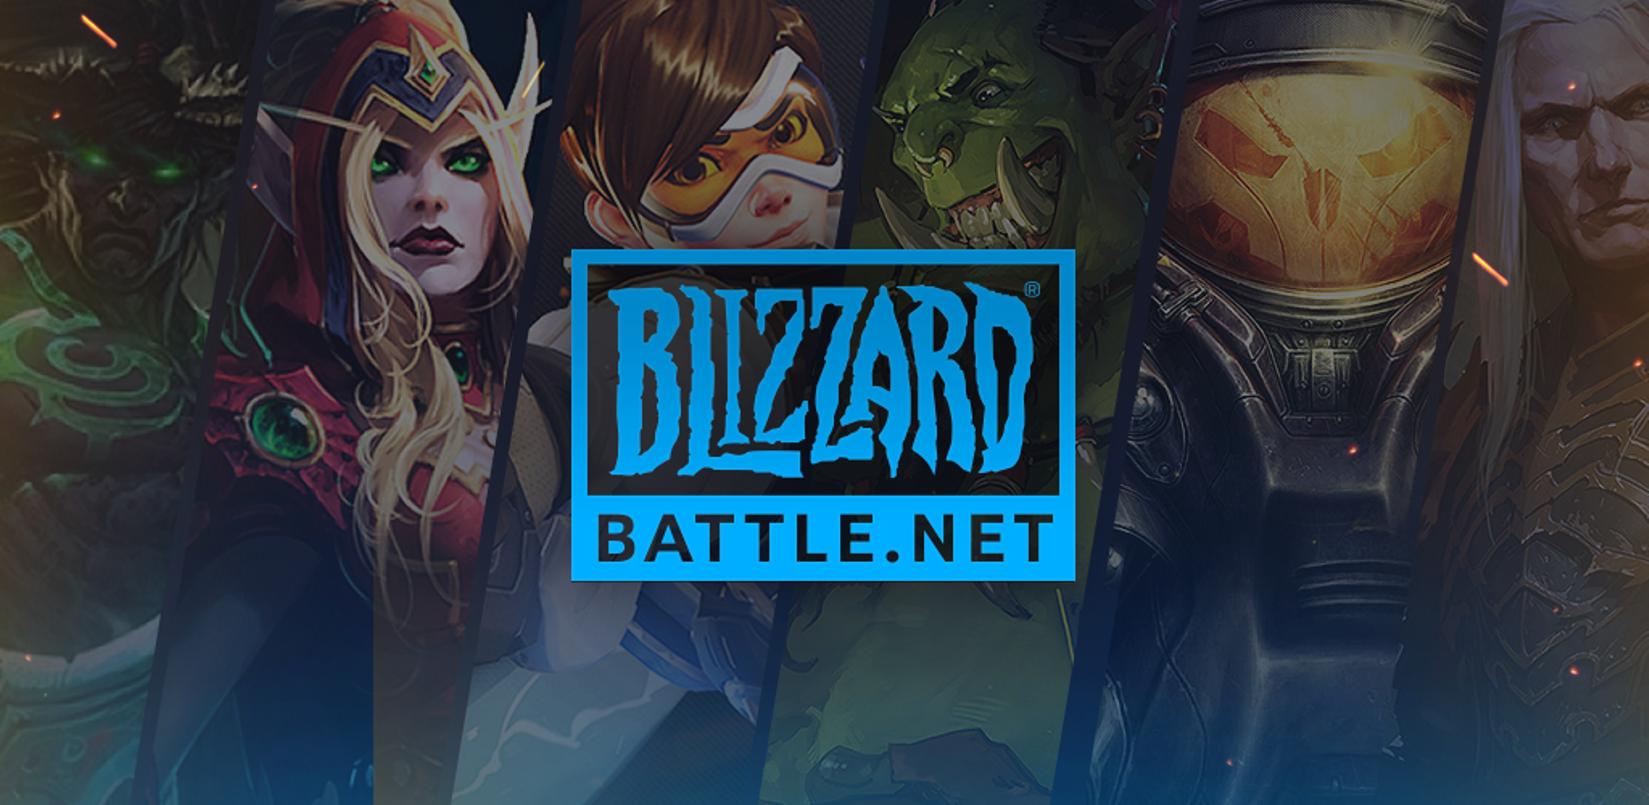 Группы и упоминания теперь доступны и в мобильном приложении Battle.net